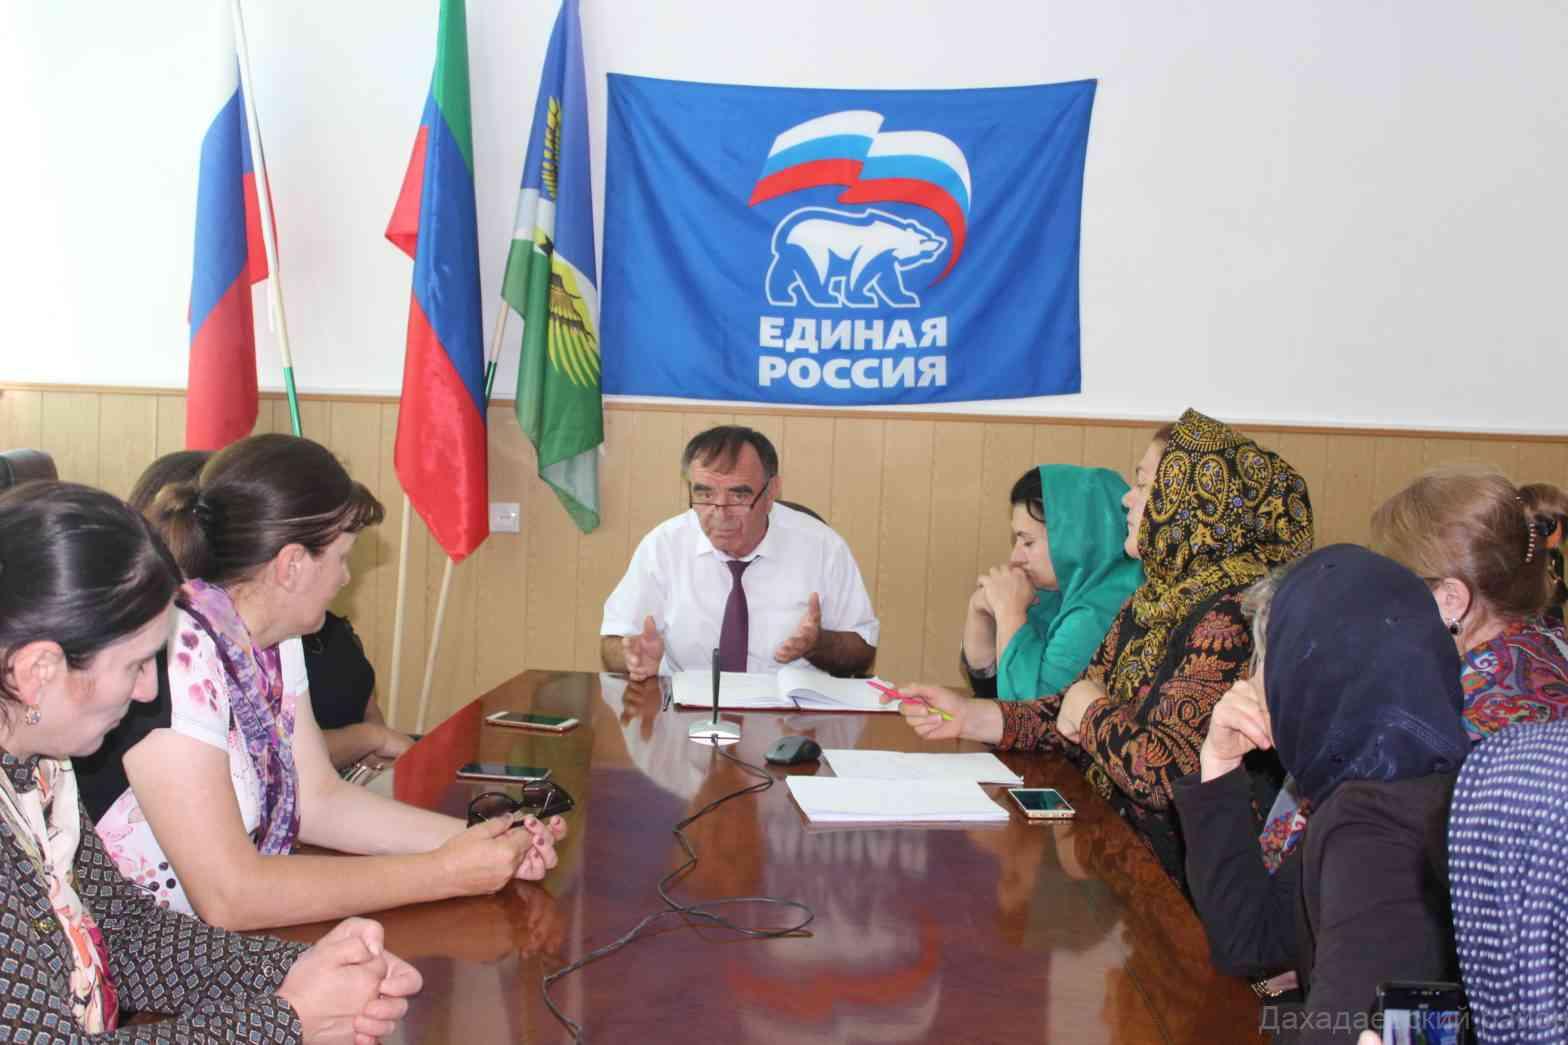 Заседание Совета женщин прошло в Дахадаевском районе.